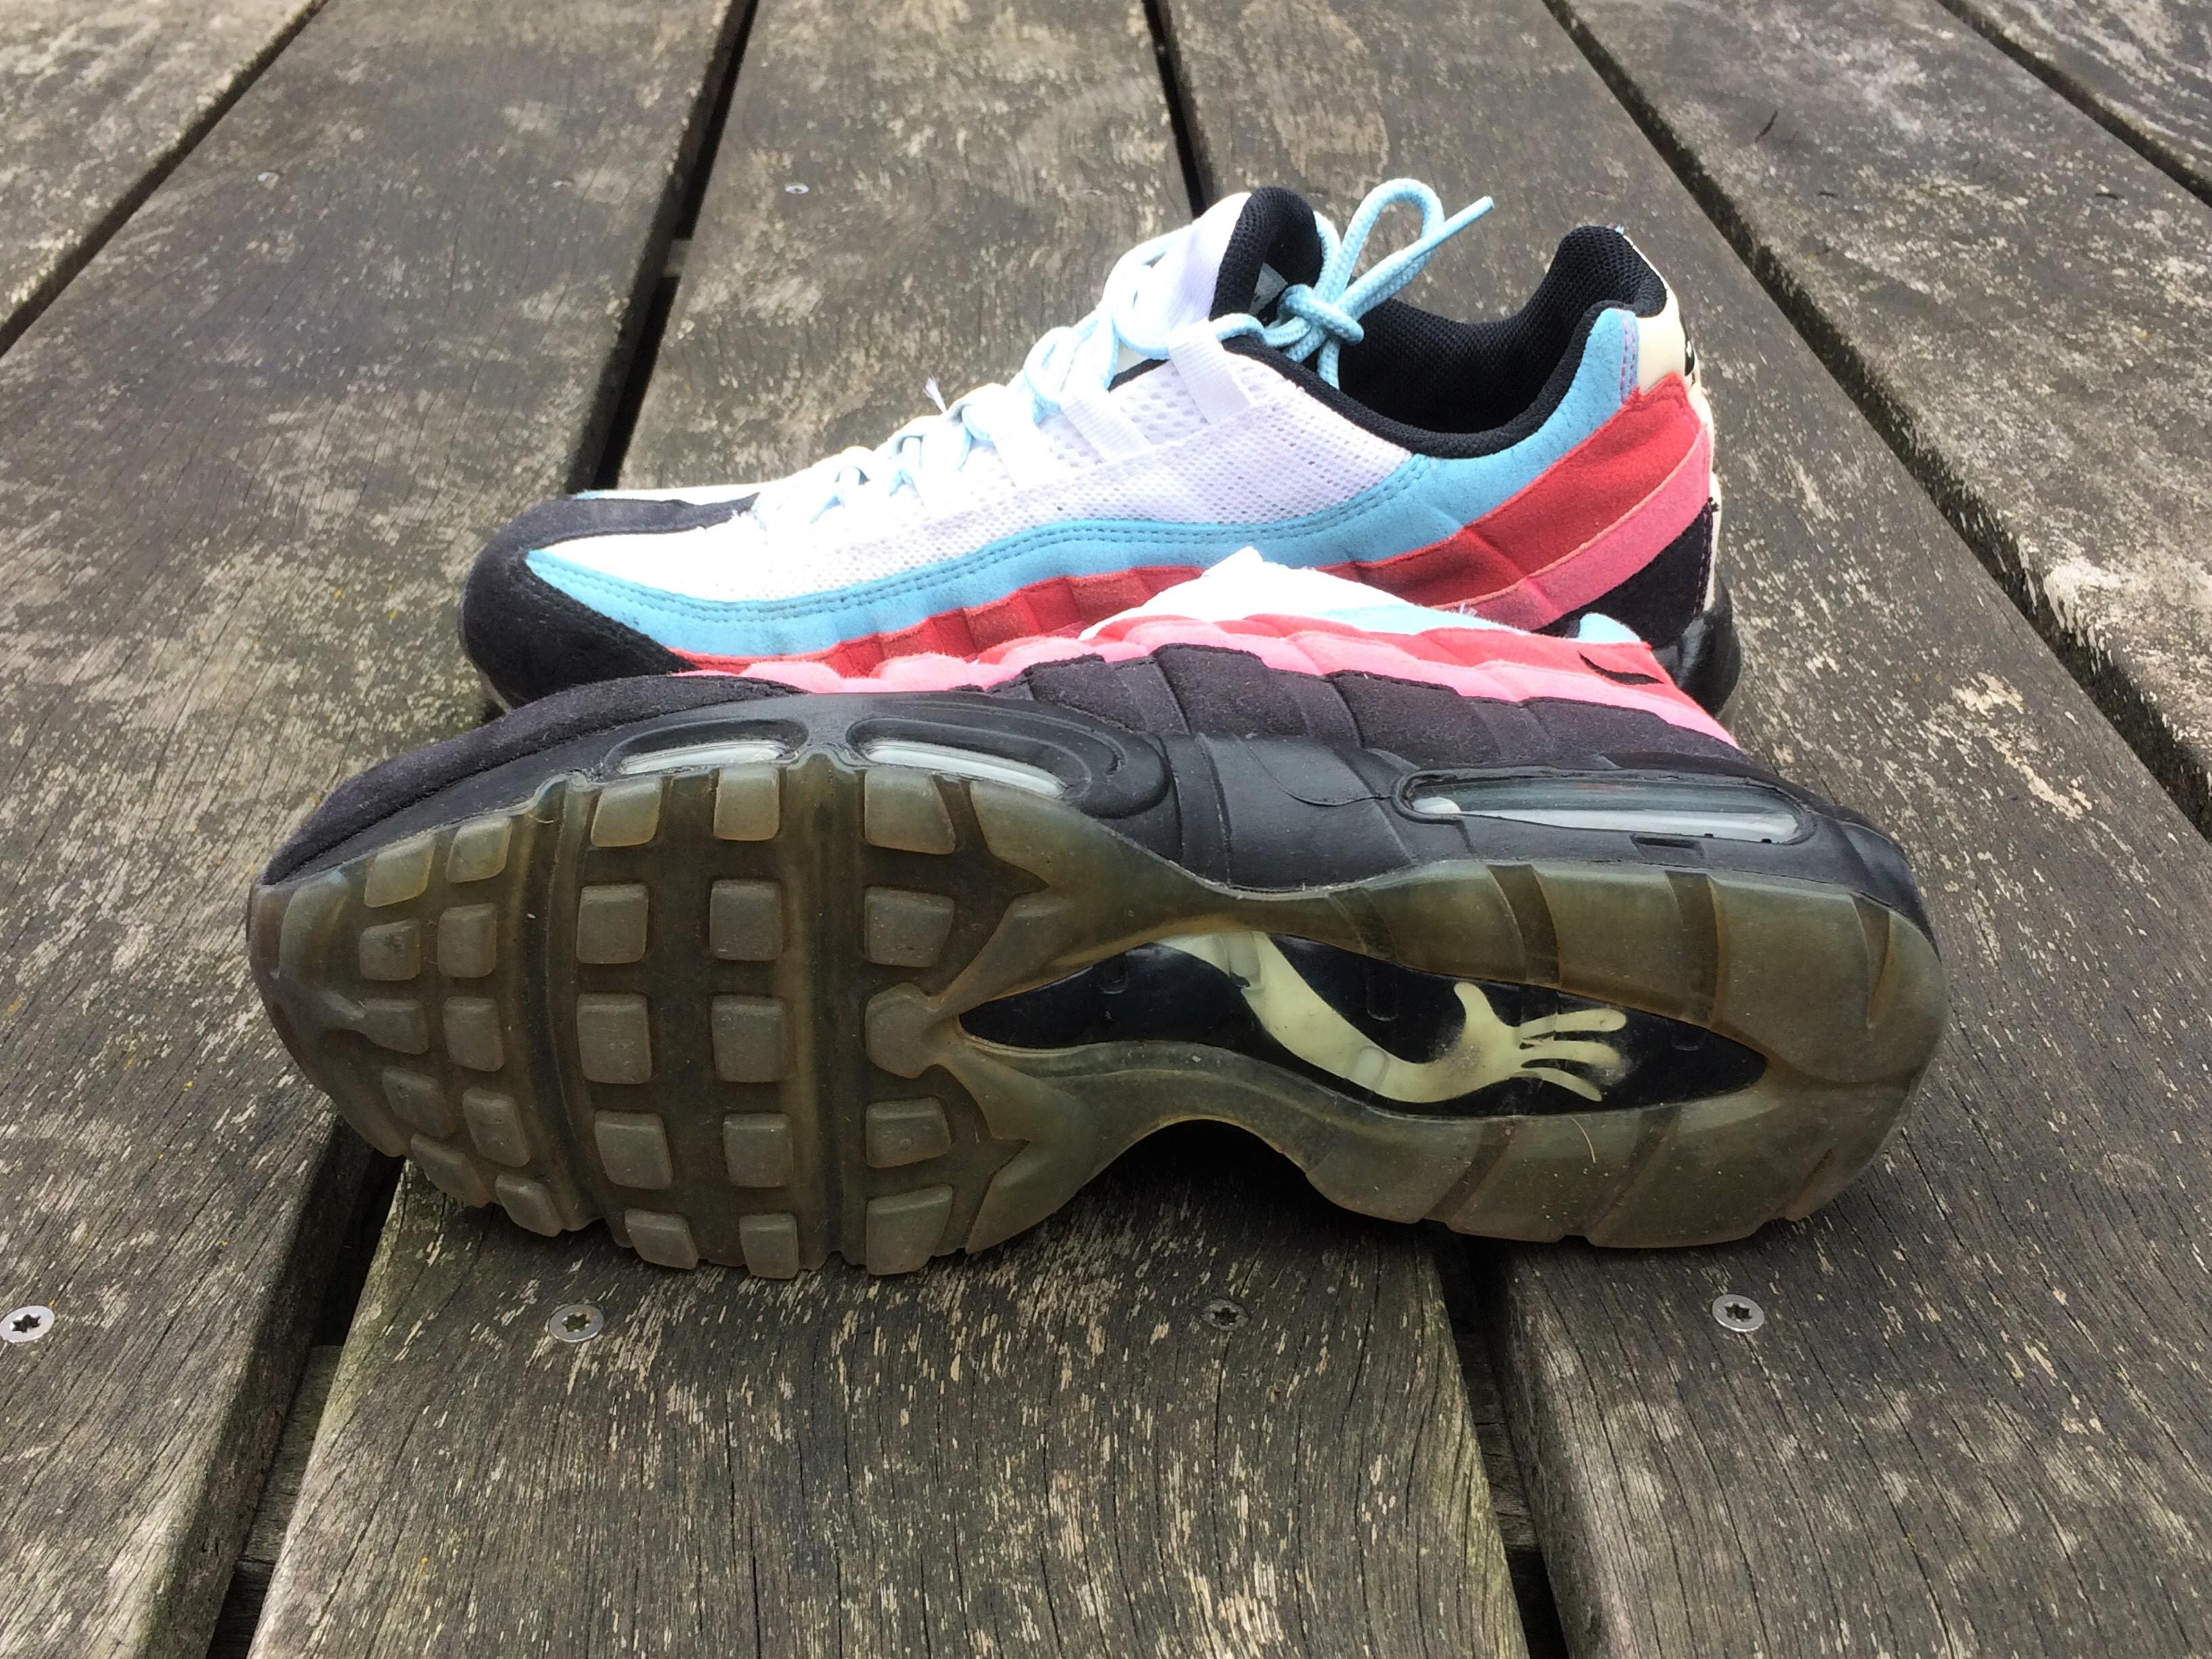 1494498563532 airmaxparra 2 - ✓ Kun je rijk worden met het doorverkopen van populaire sneakers?